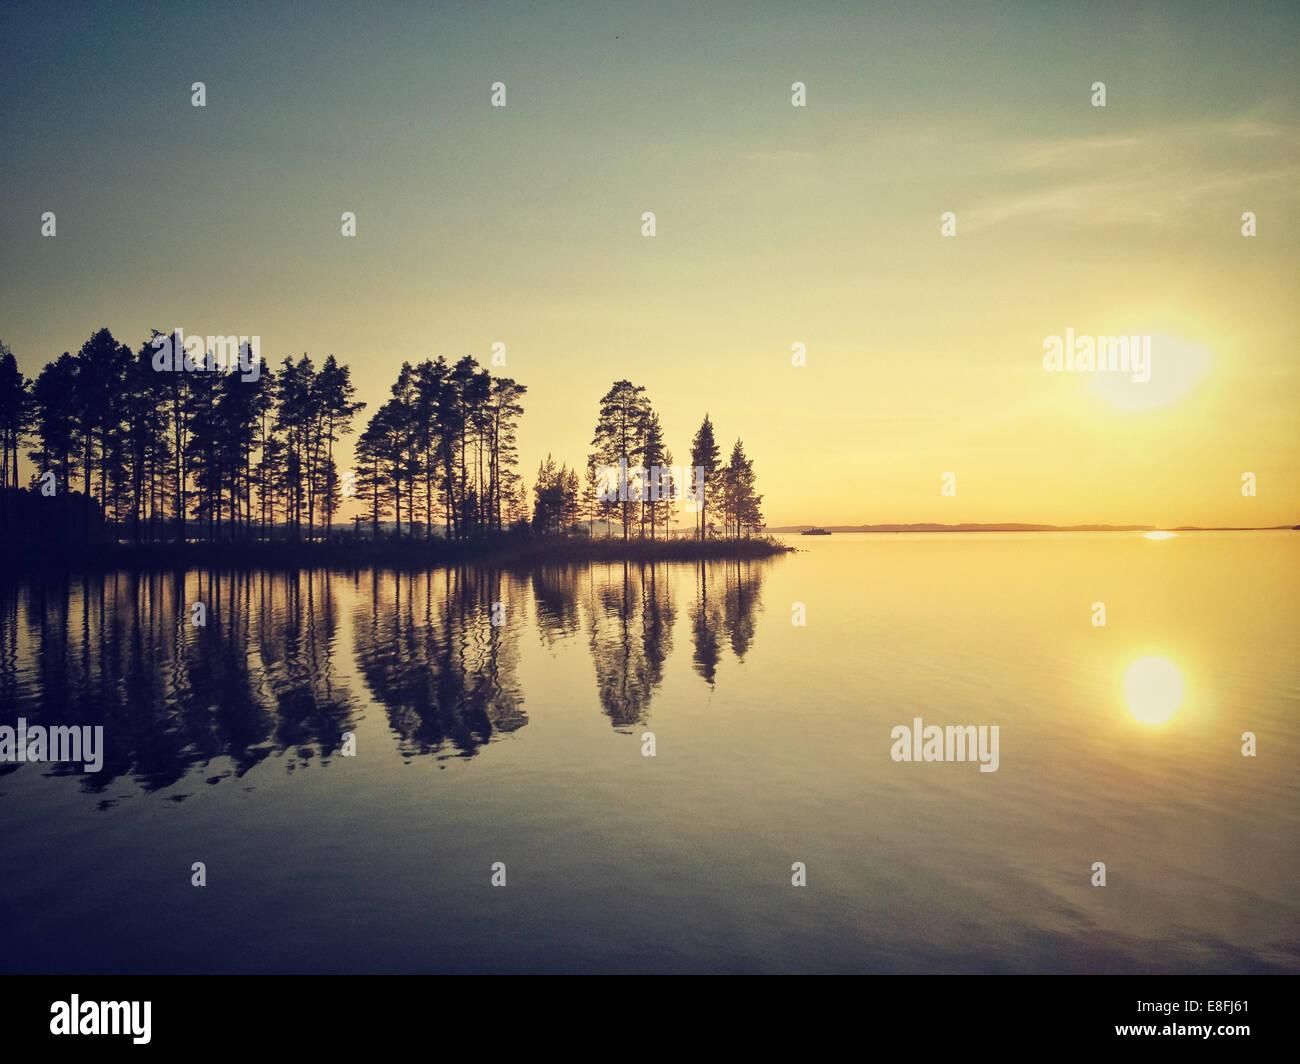 Sweden, Tallberg, Lake Siljan at sunset - Stock Image